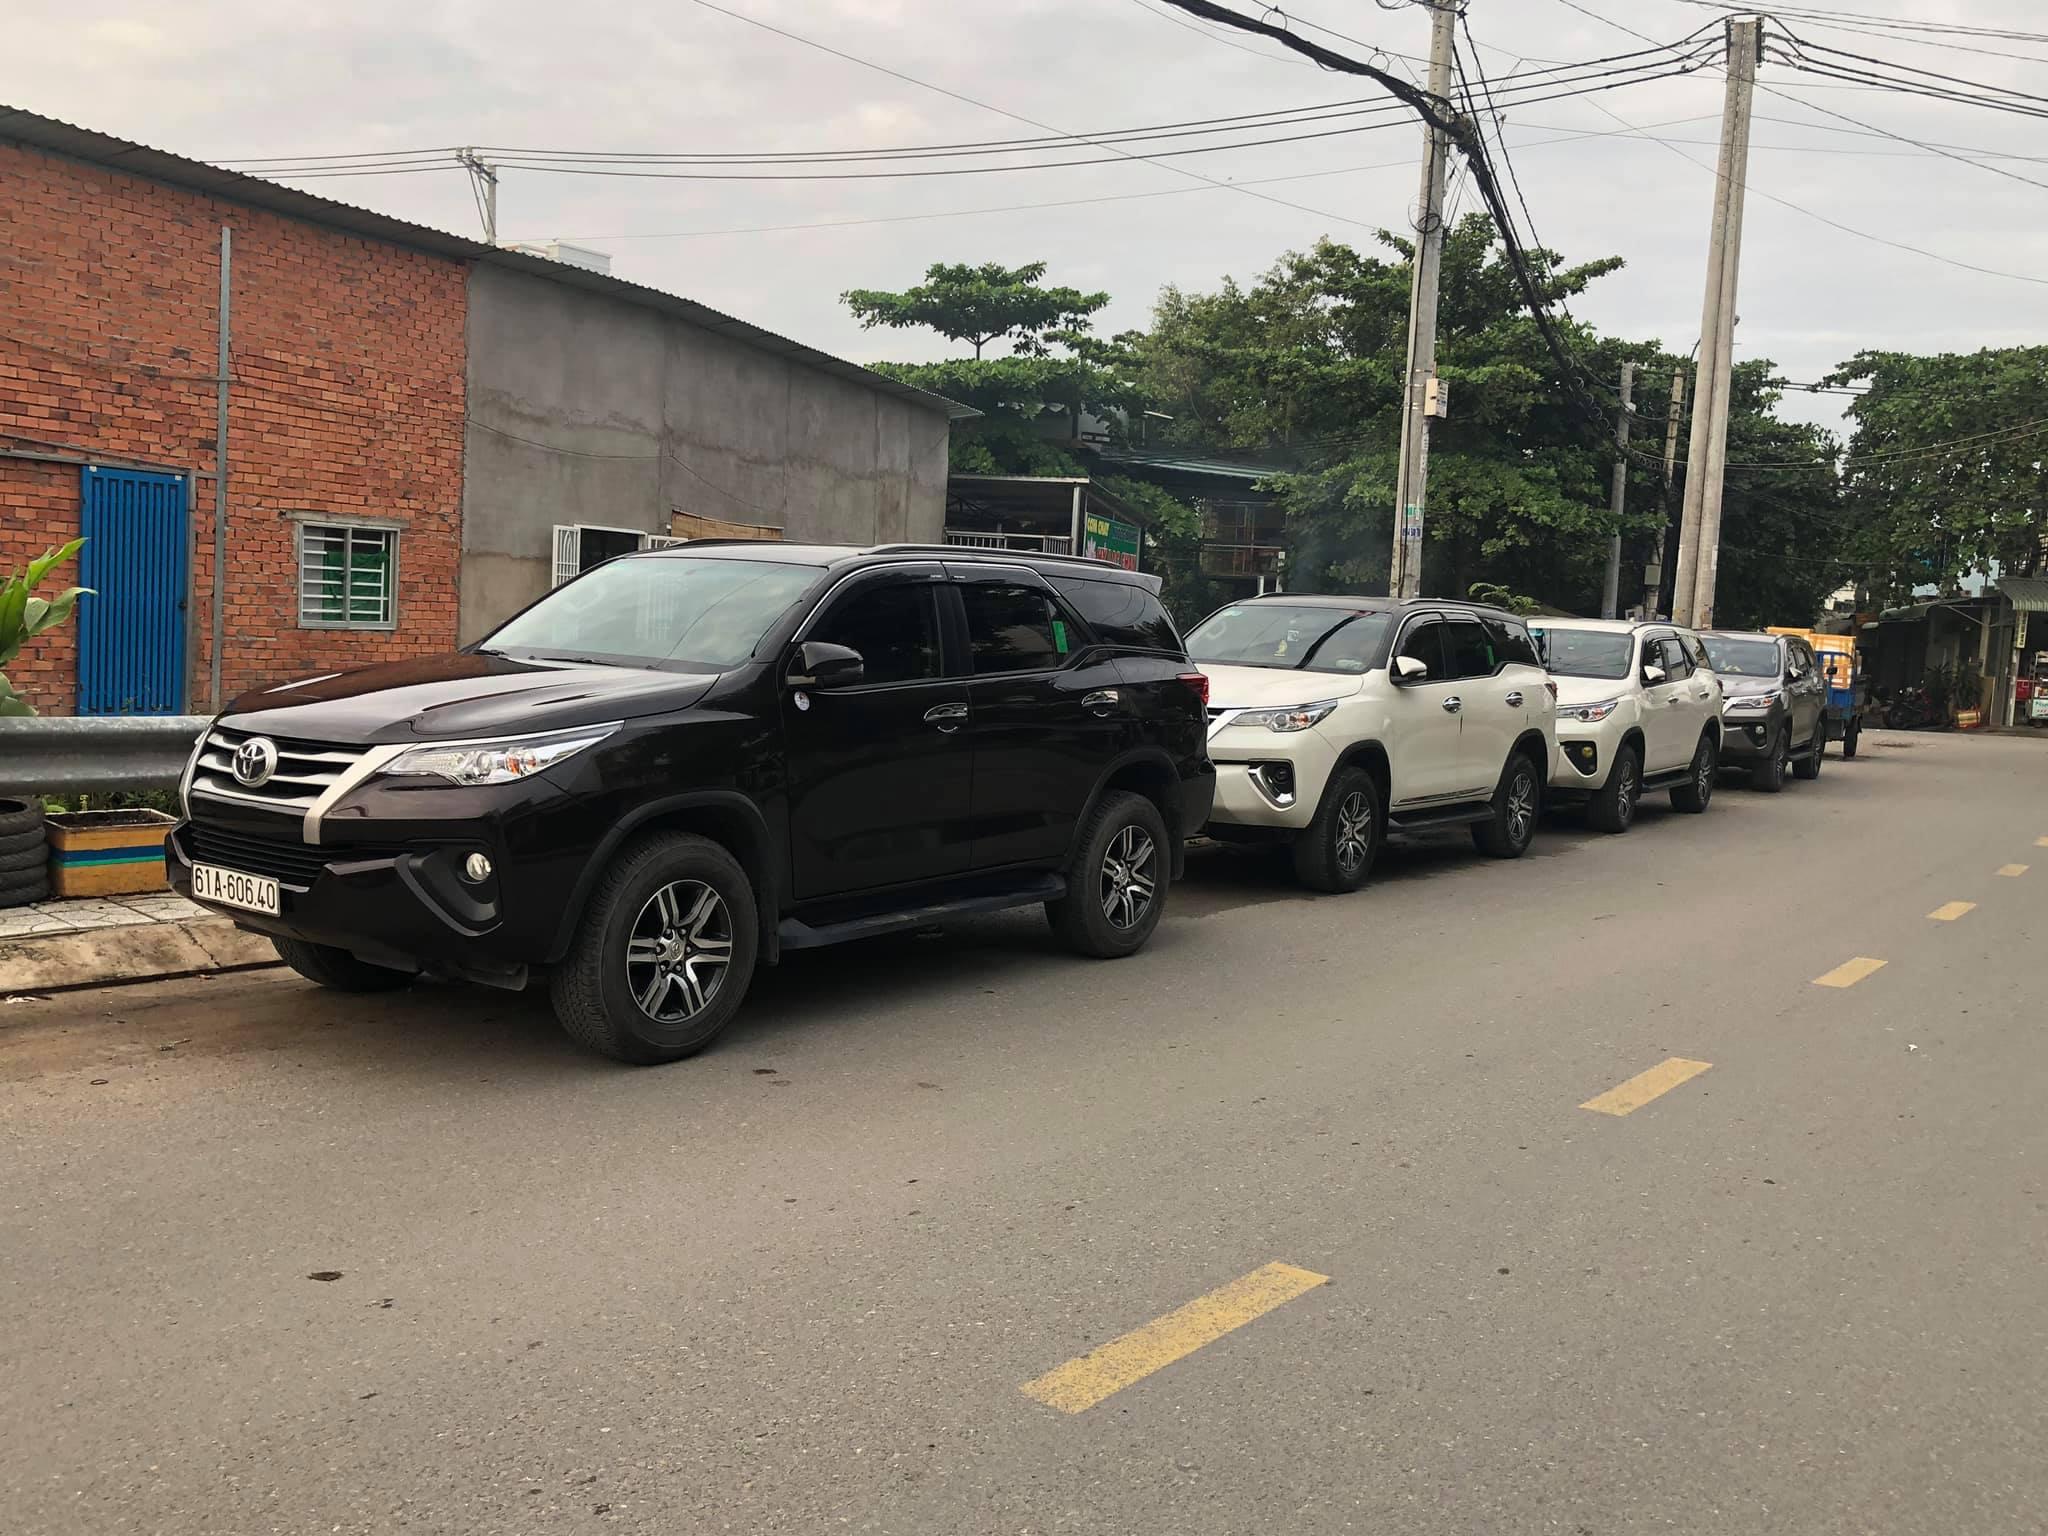 thuê xe 7 chỗ tại Tiền Giang giá rẻ